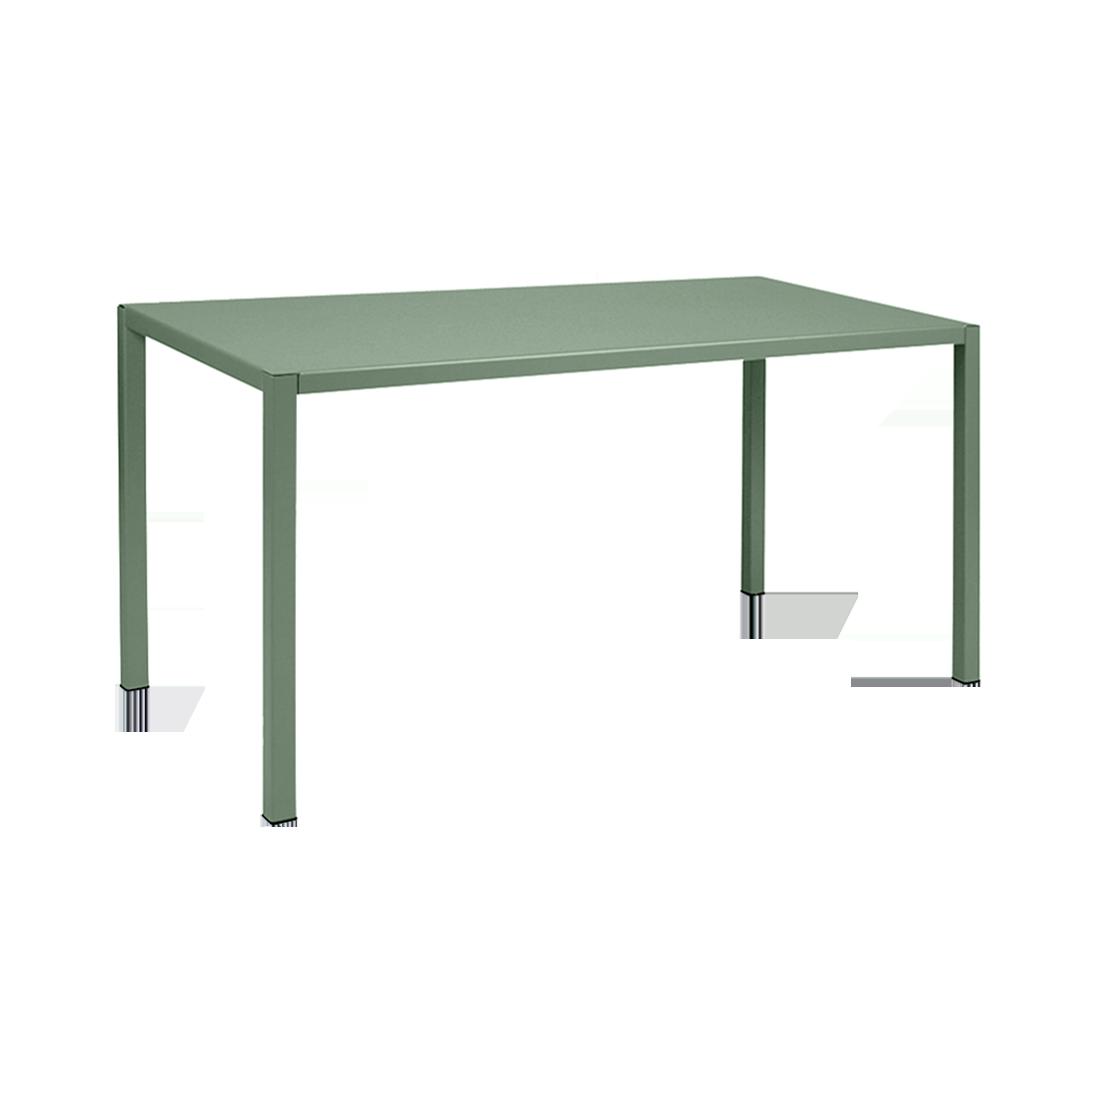 Tisch 140 x 70 inside out gartentisch design gartenm bel for Designer tisch 140